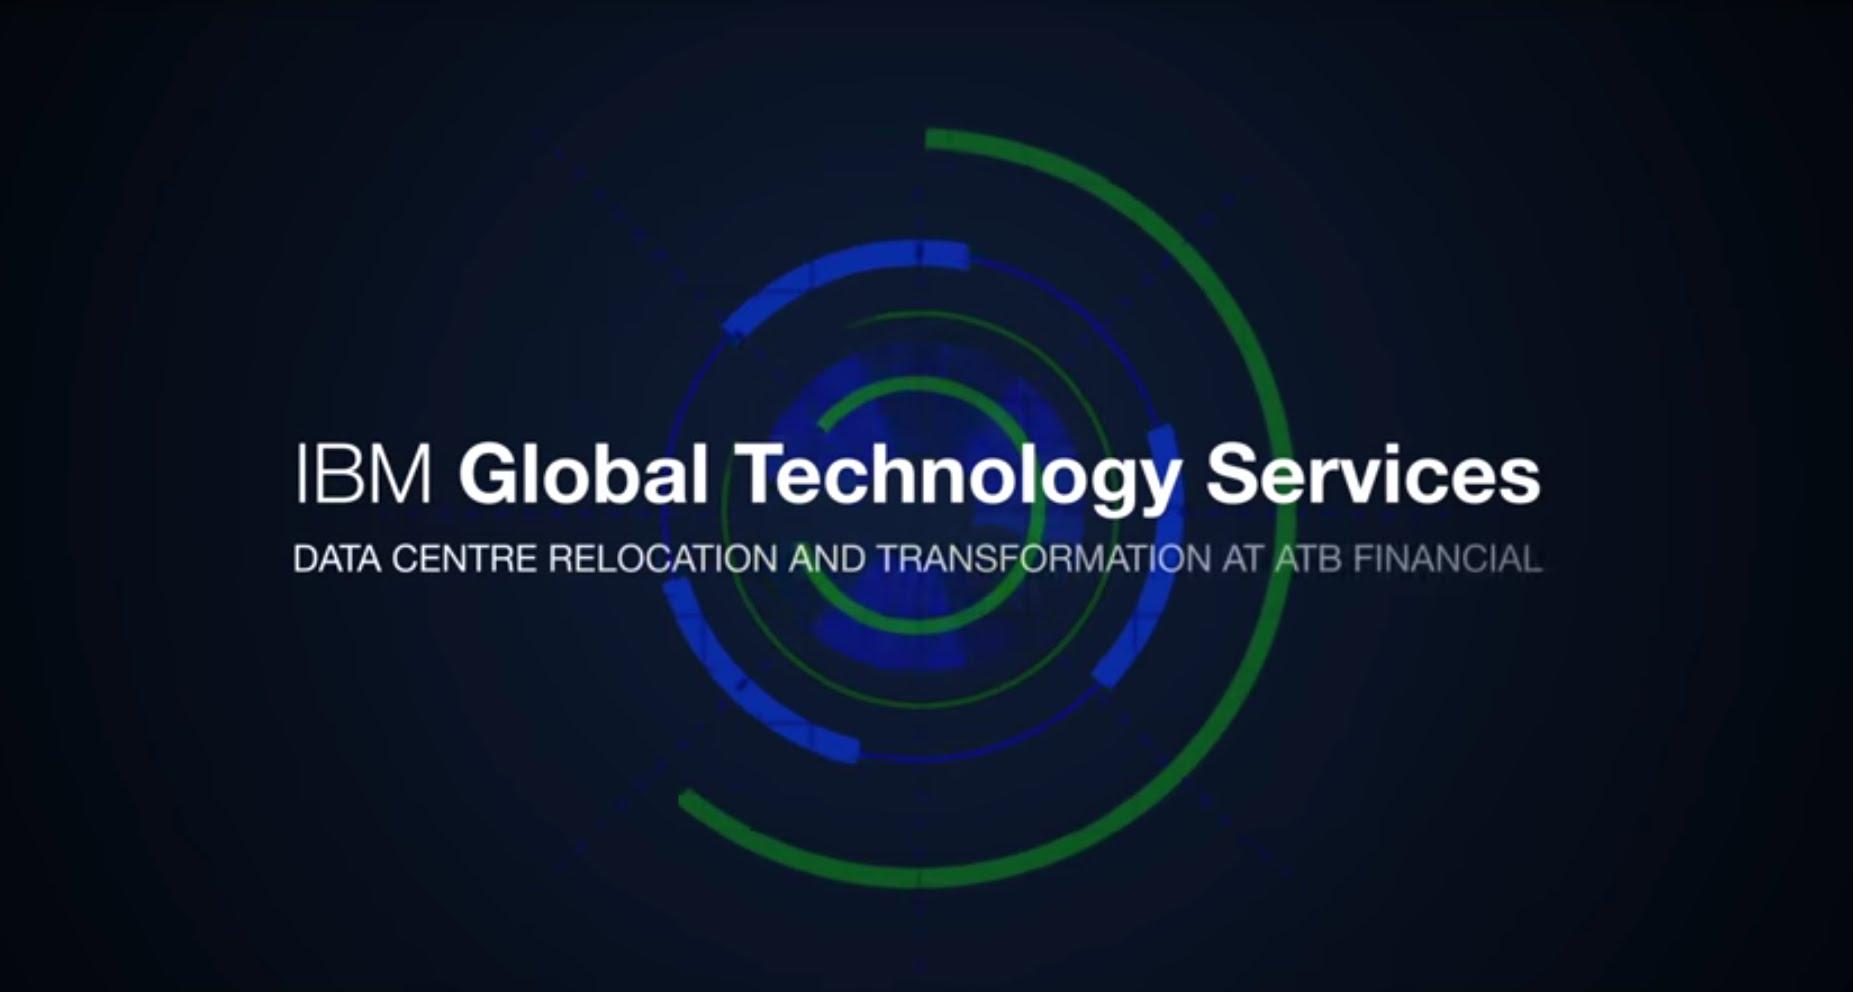 IBM pregătește restructurări masive în grupul său de consultanță pentru companii